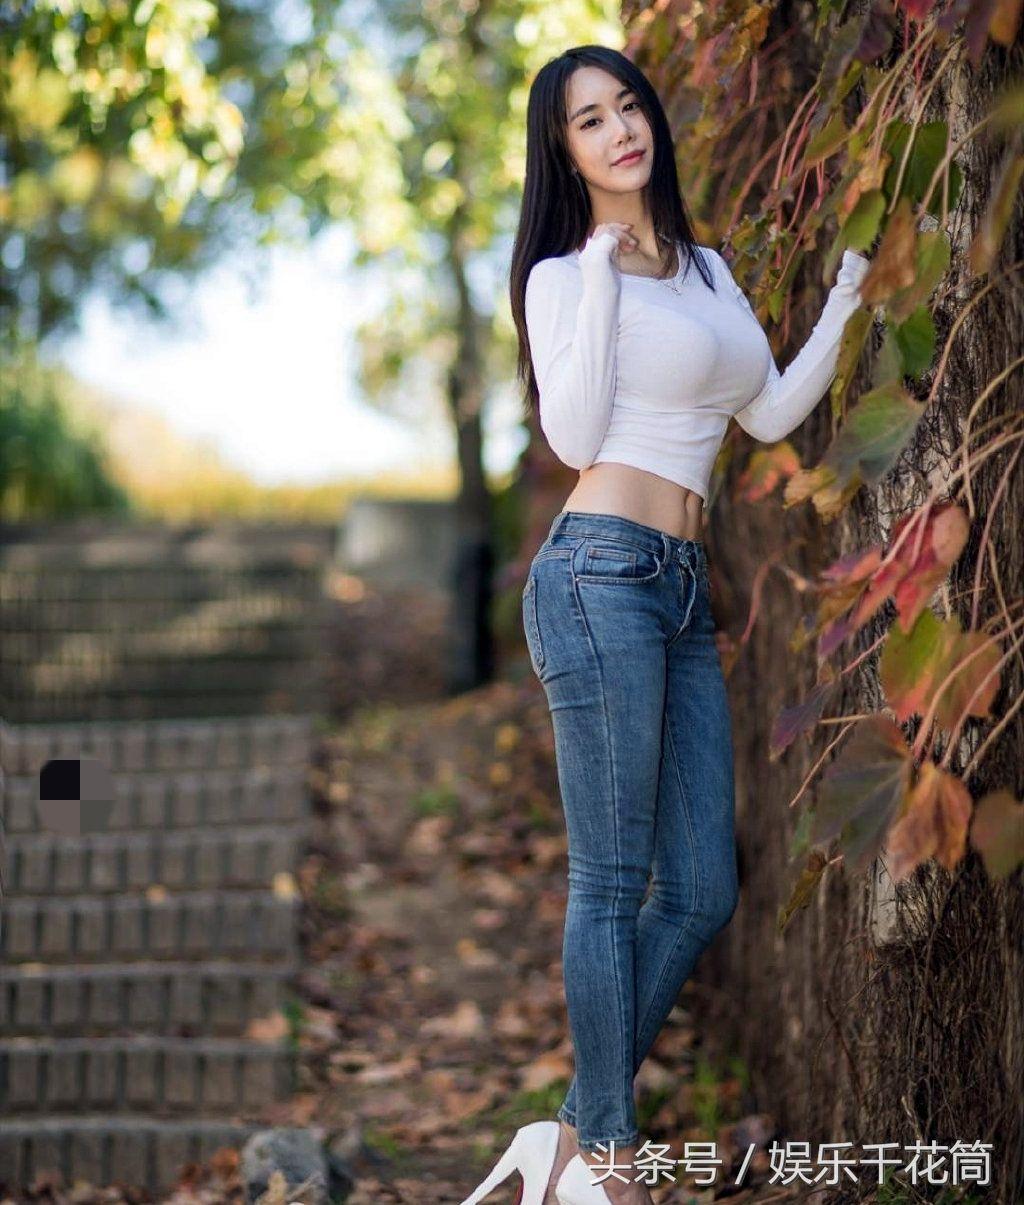 牛仔裤能使你的腿看起来更瘦 - 从头再来 - 至卓飞高